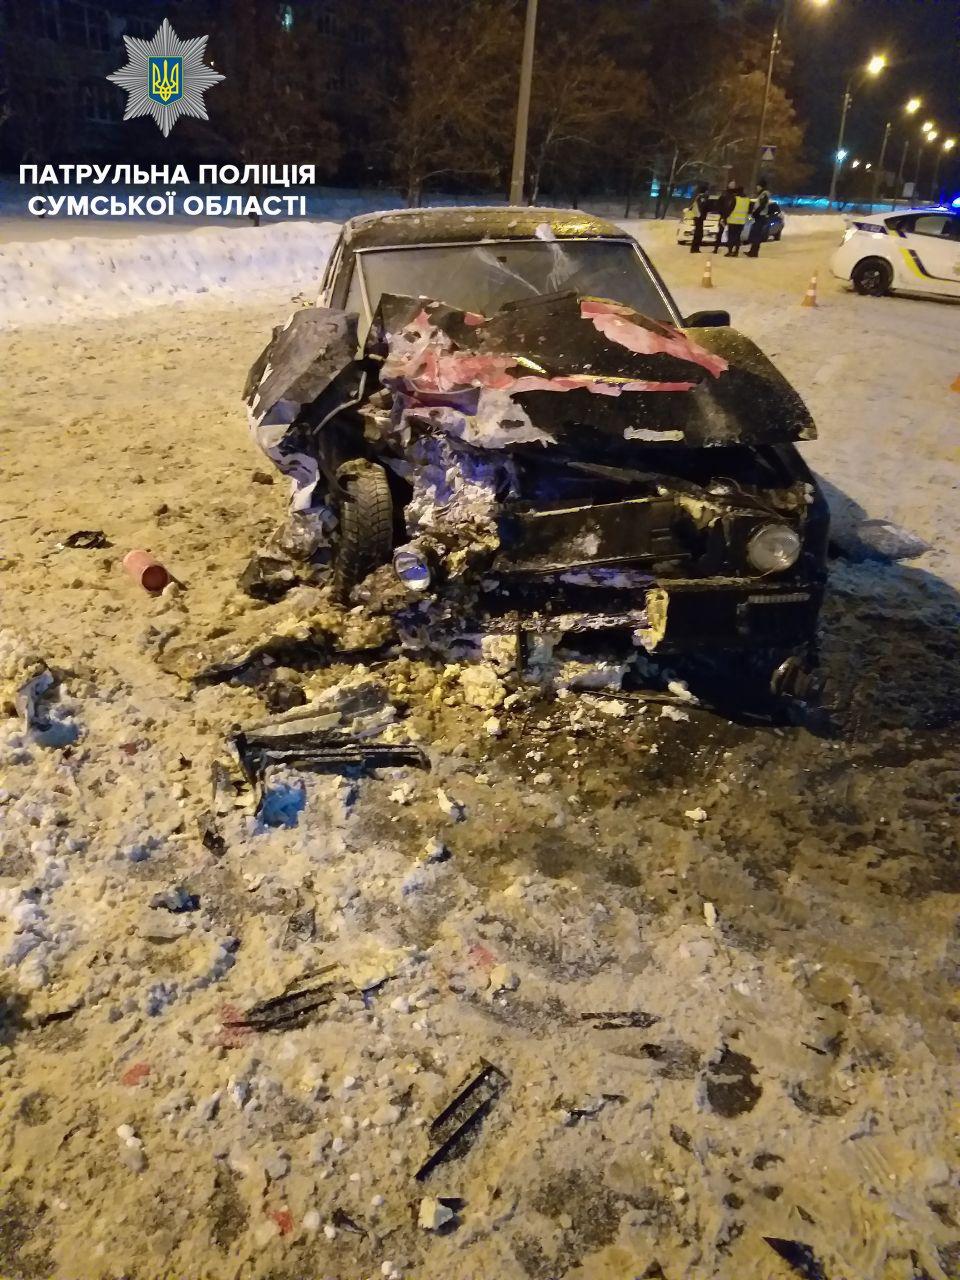 Патрульные рассказали про ДТП в Сумах, в котором пострадали водитель и пассажирка квадроцикла , фото-3